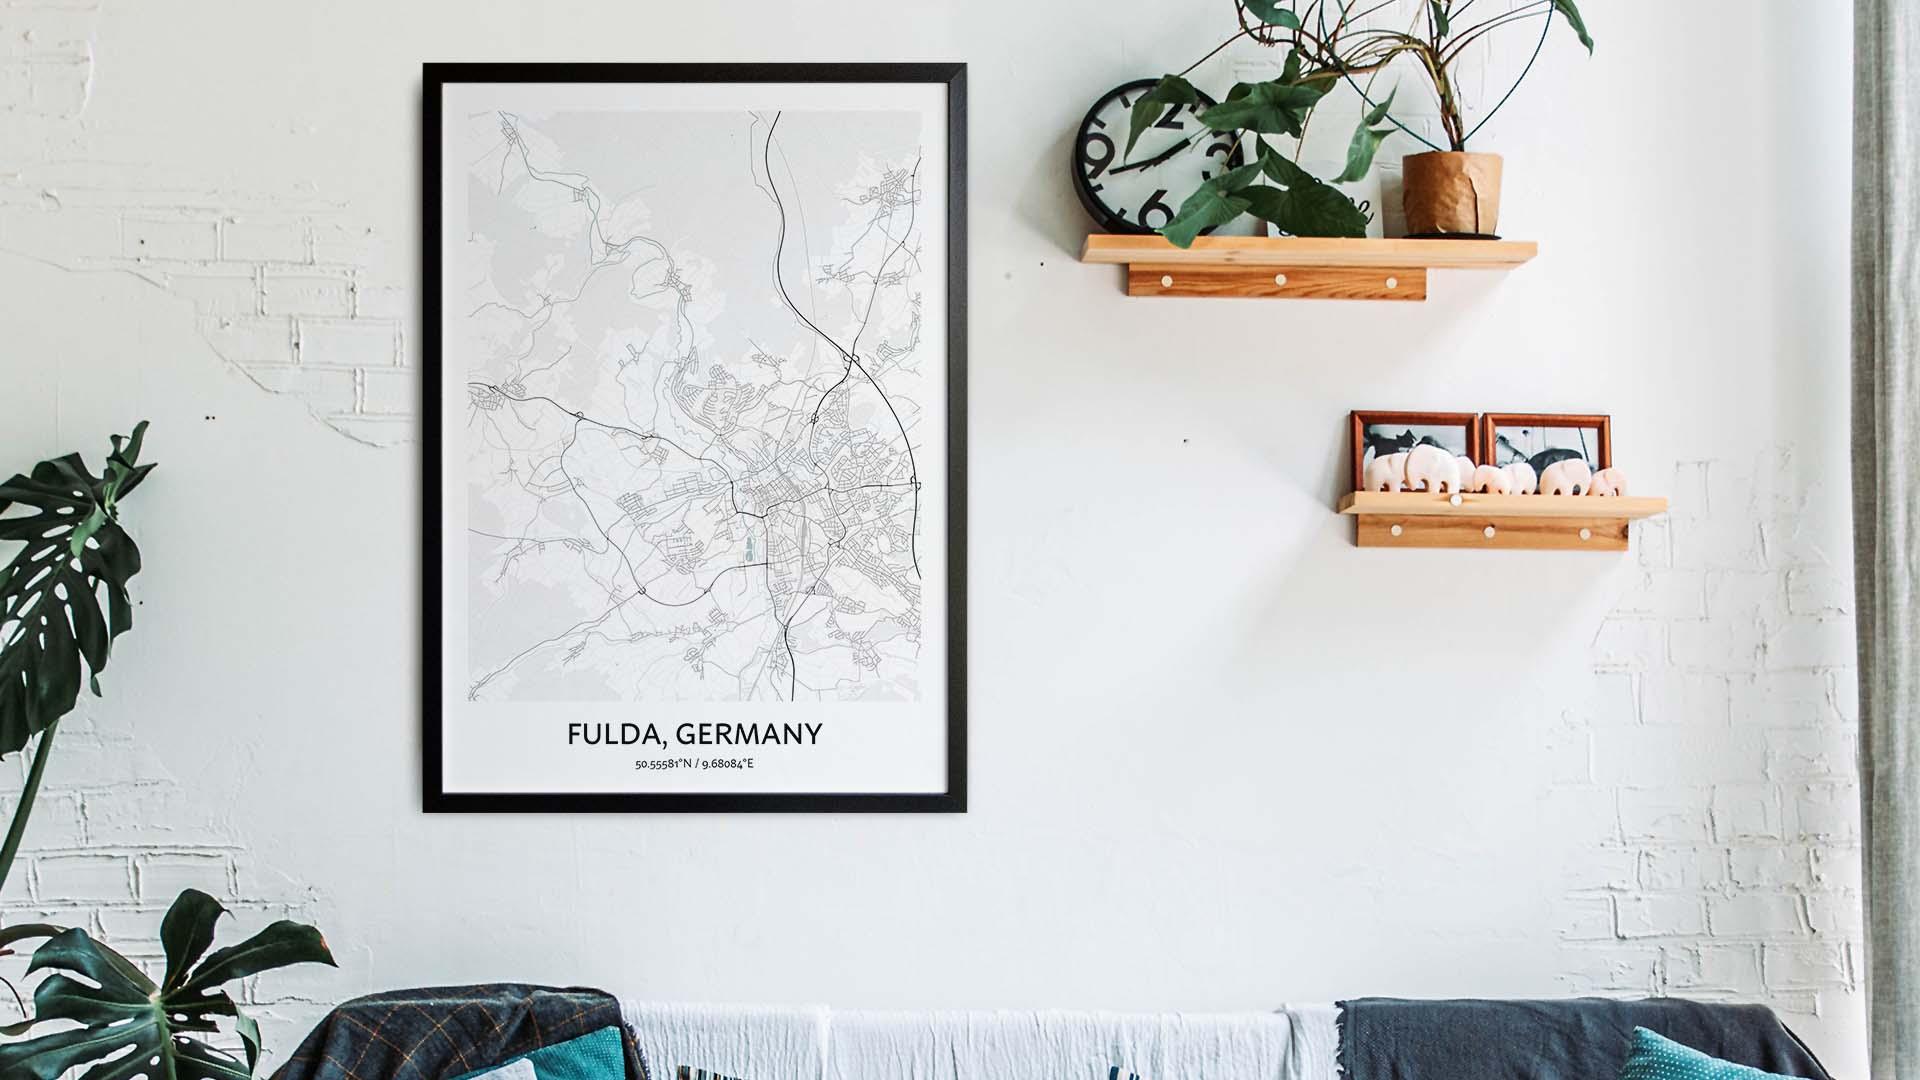 Fulda map art